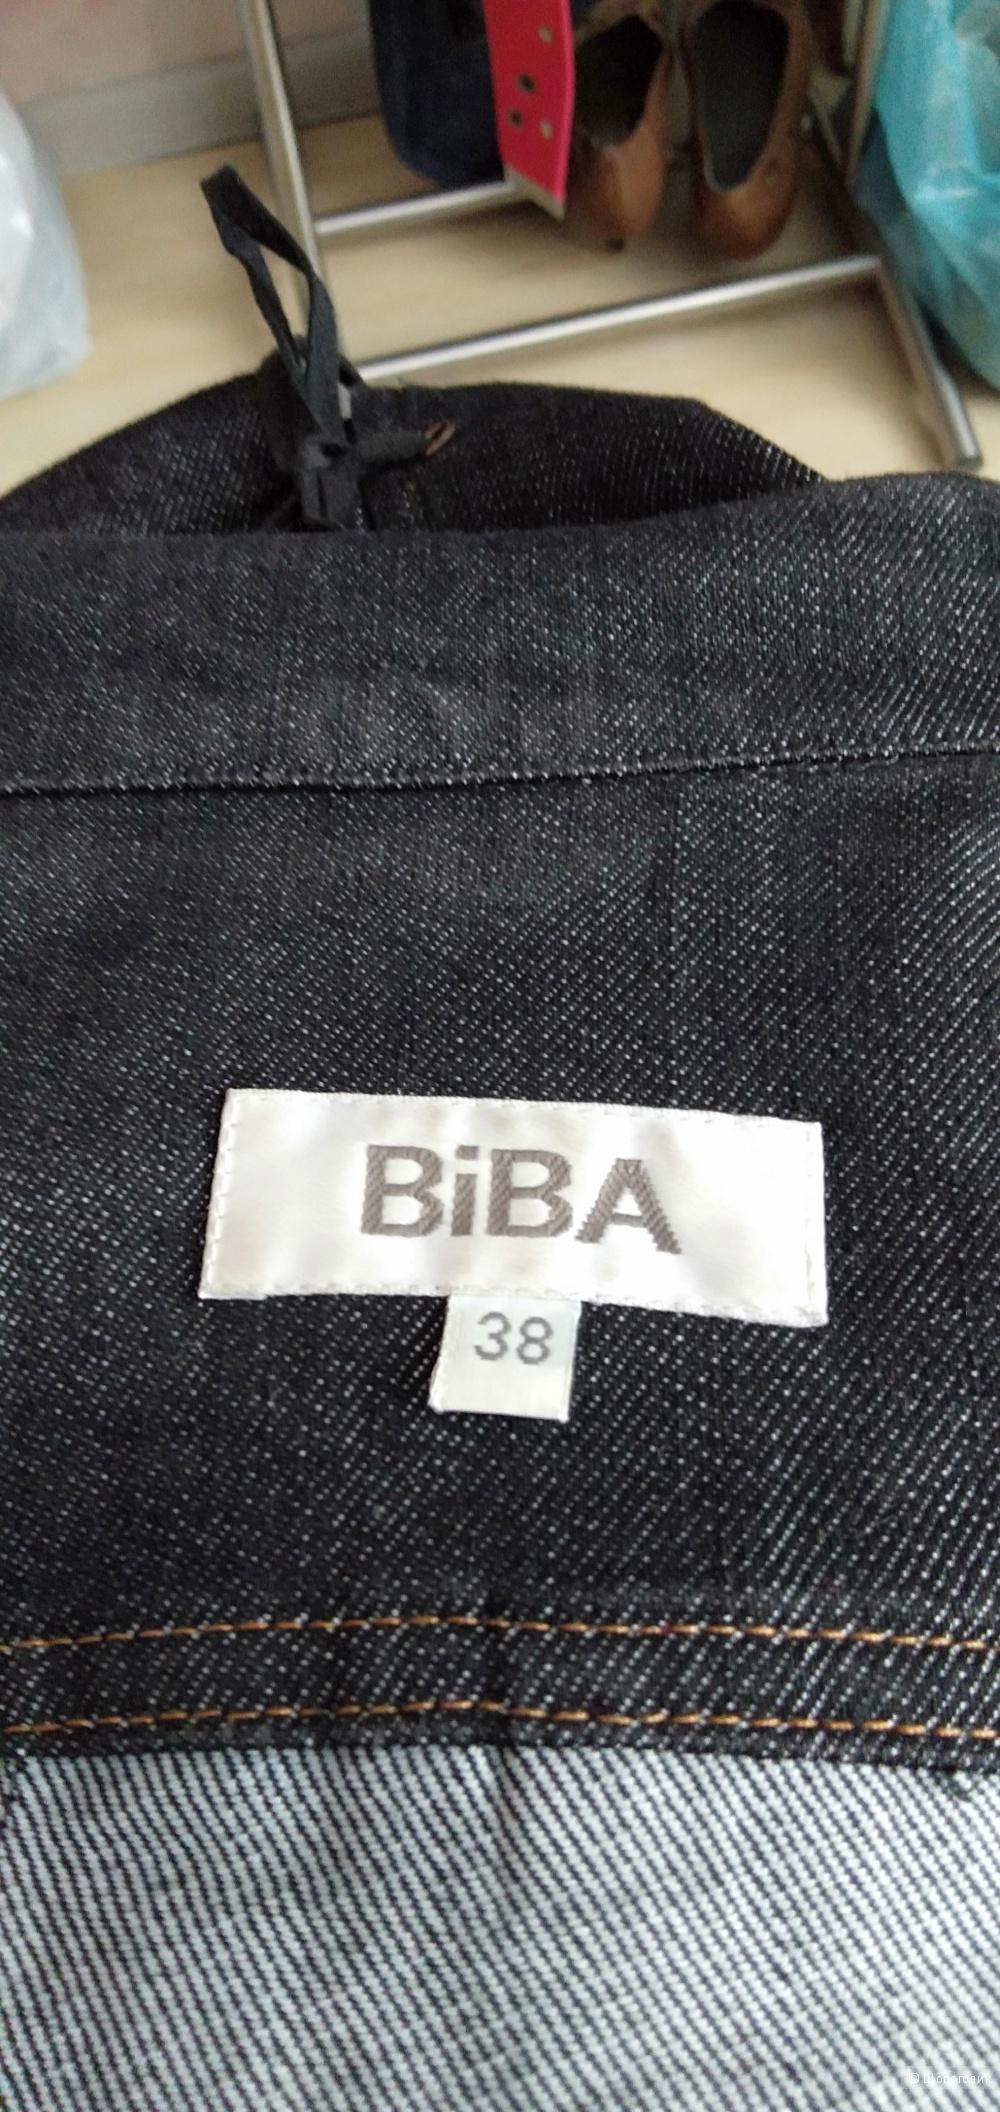 Джинсовый пиджак Biba , размер 38